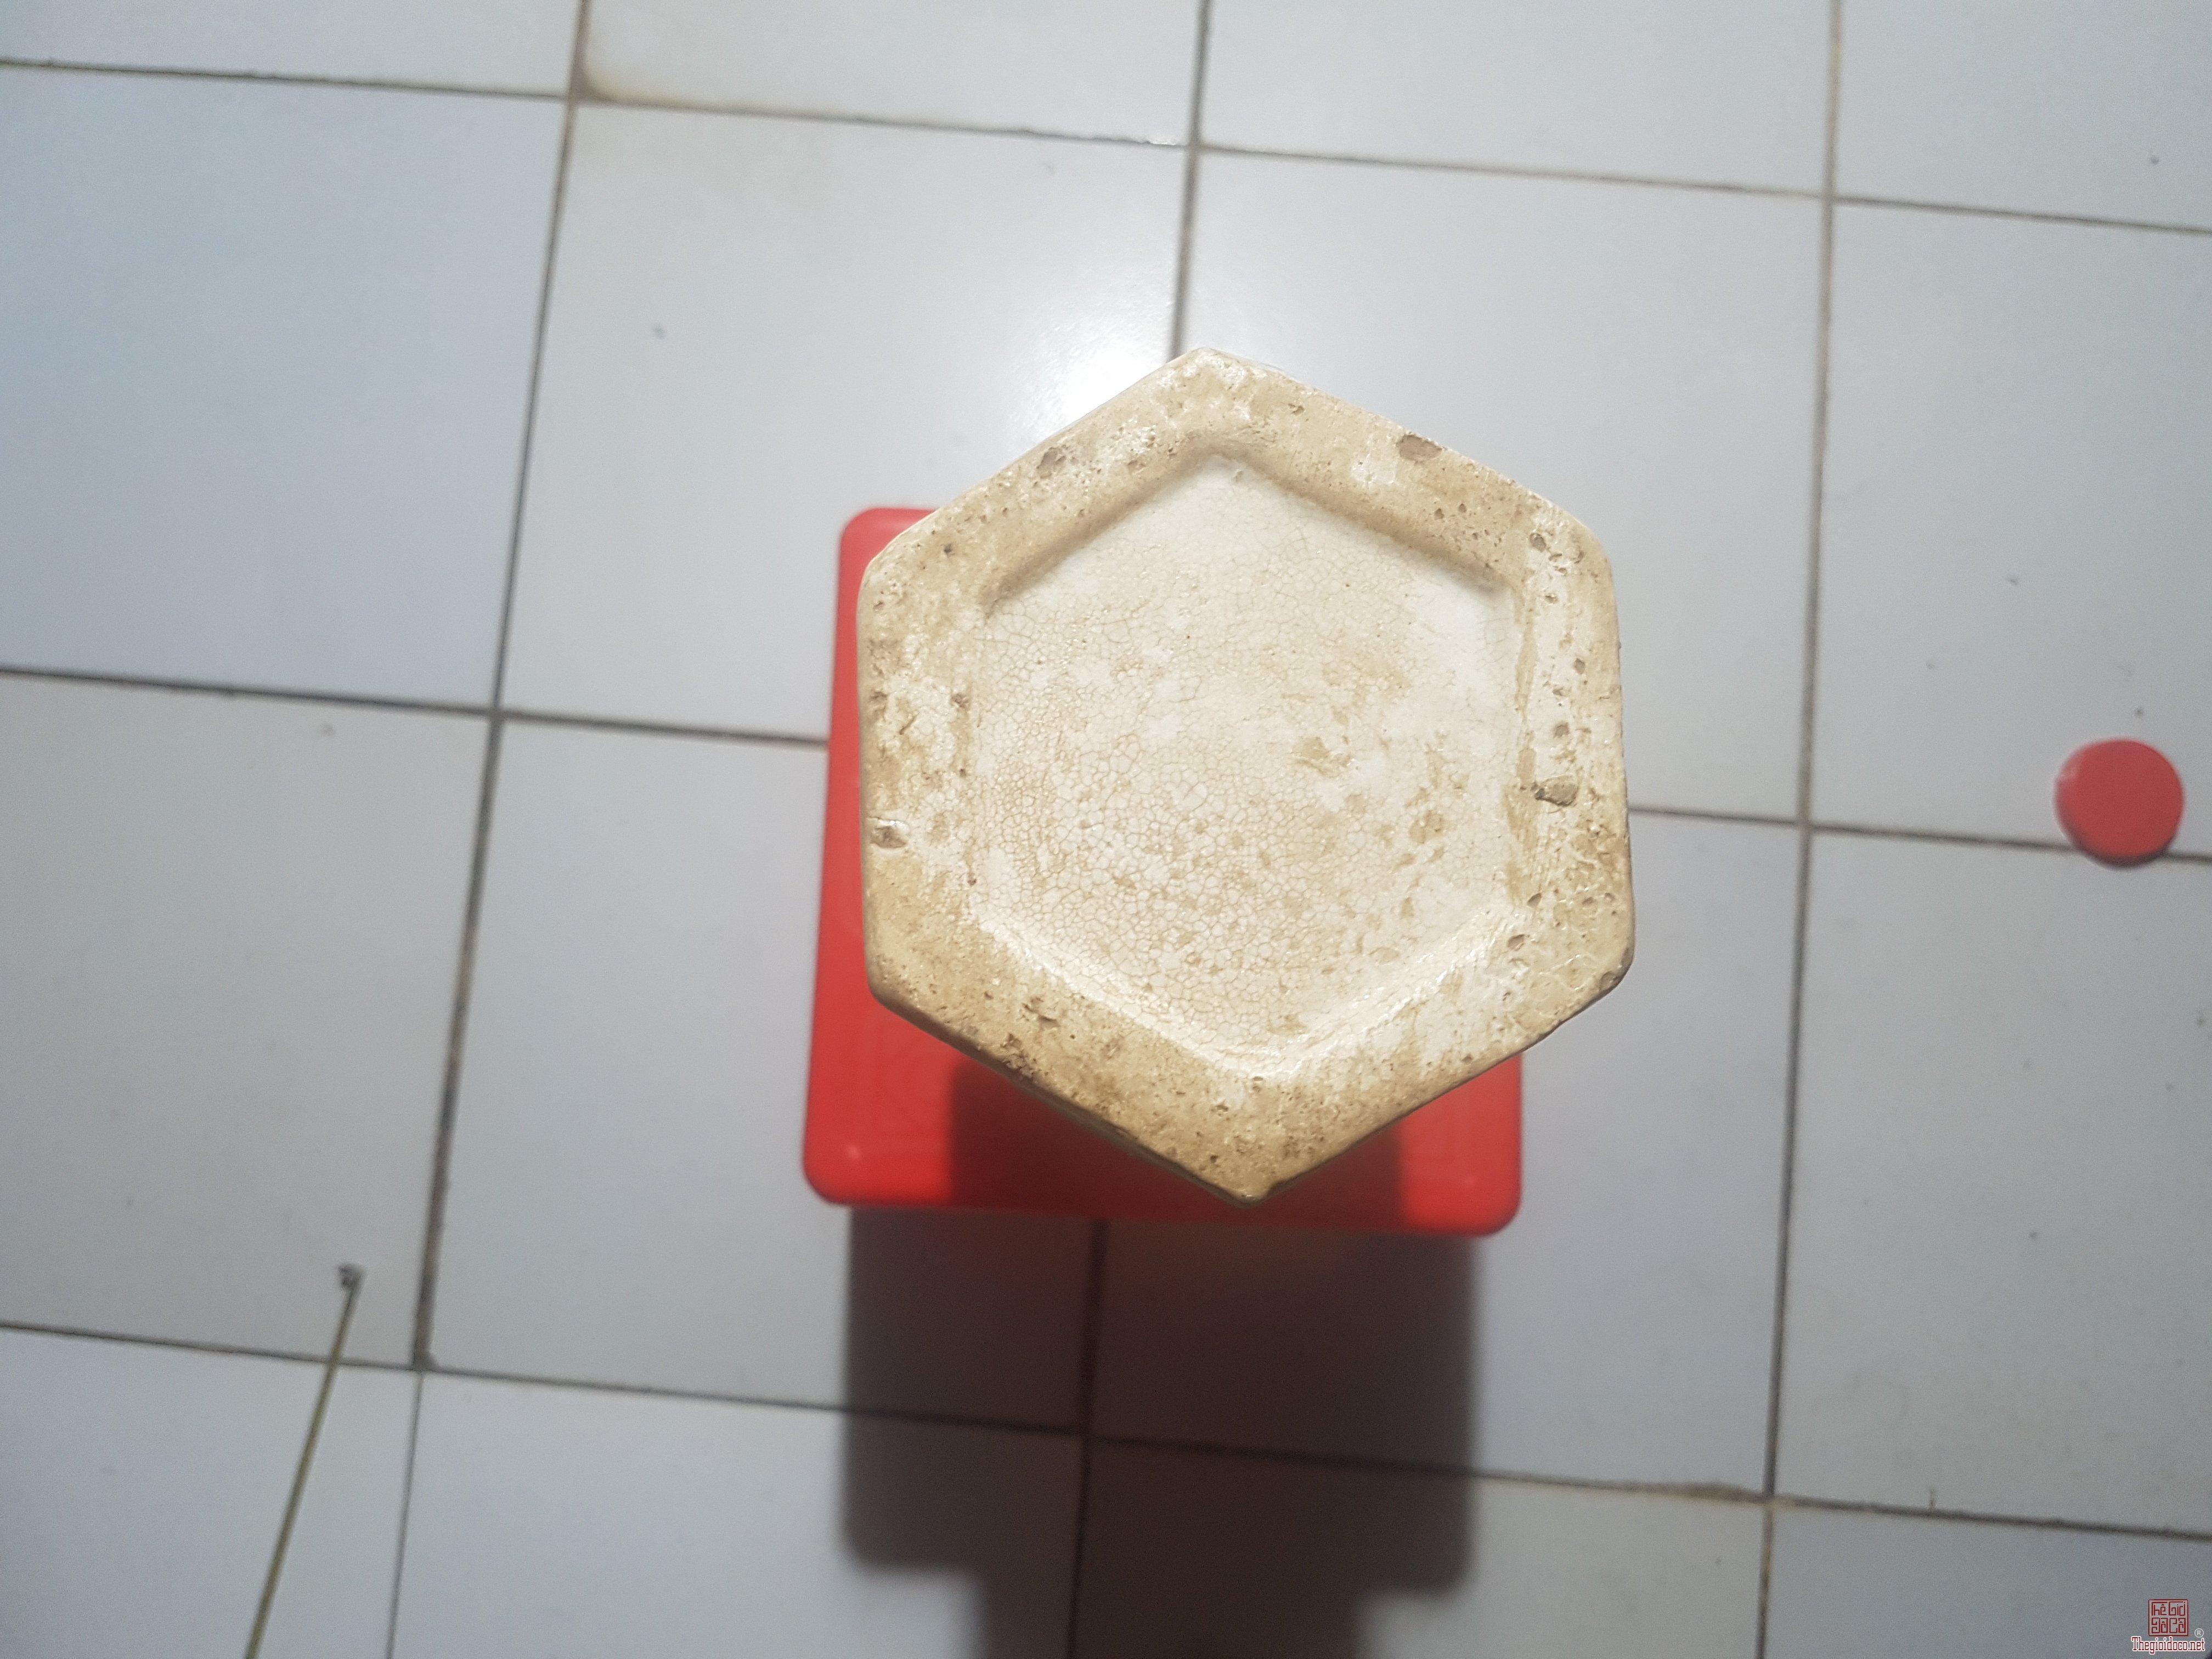 Bình lục giác xưa.chuẩn hàng cao 35cm.gôm nhà bè